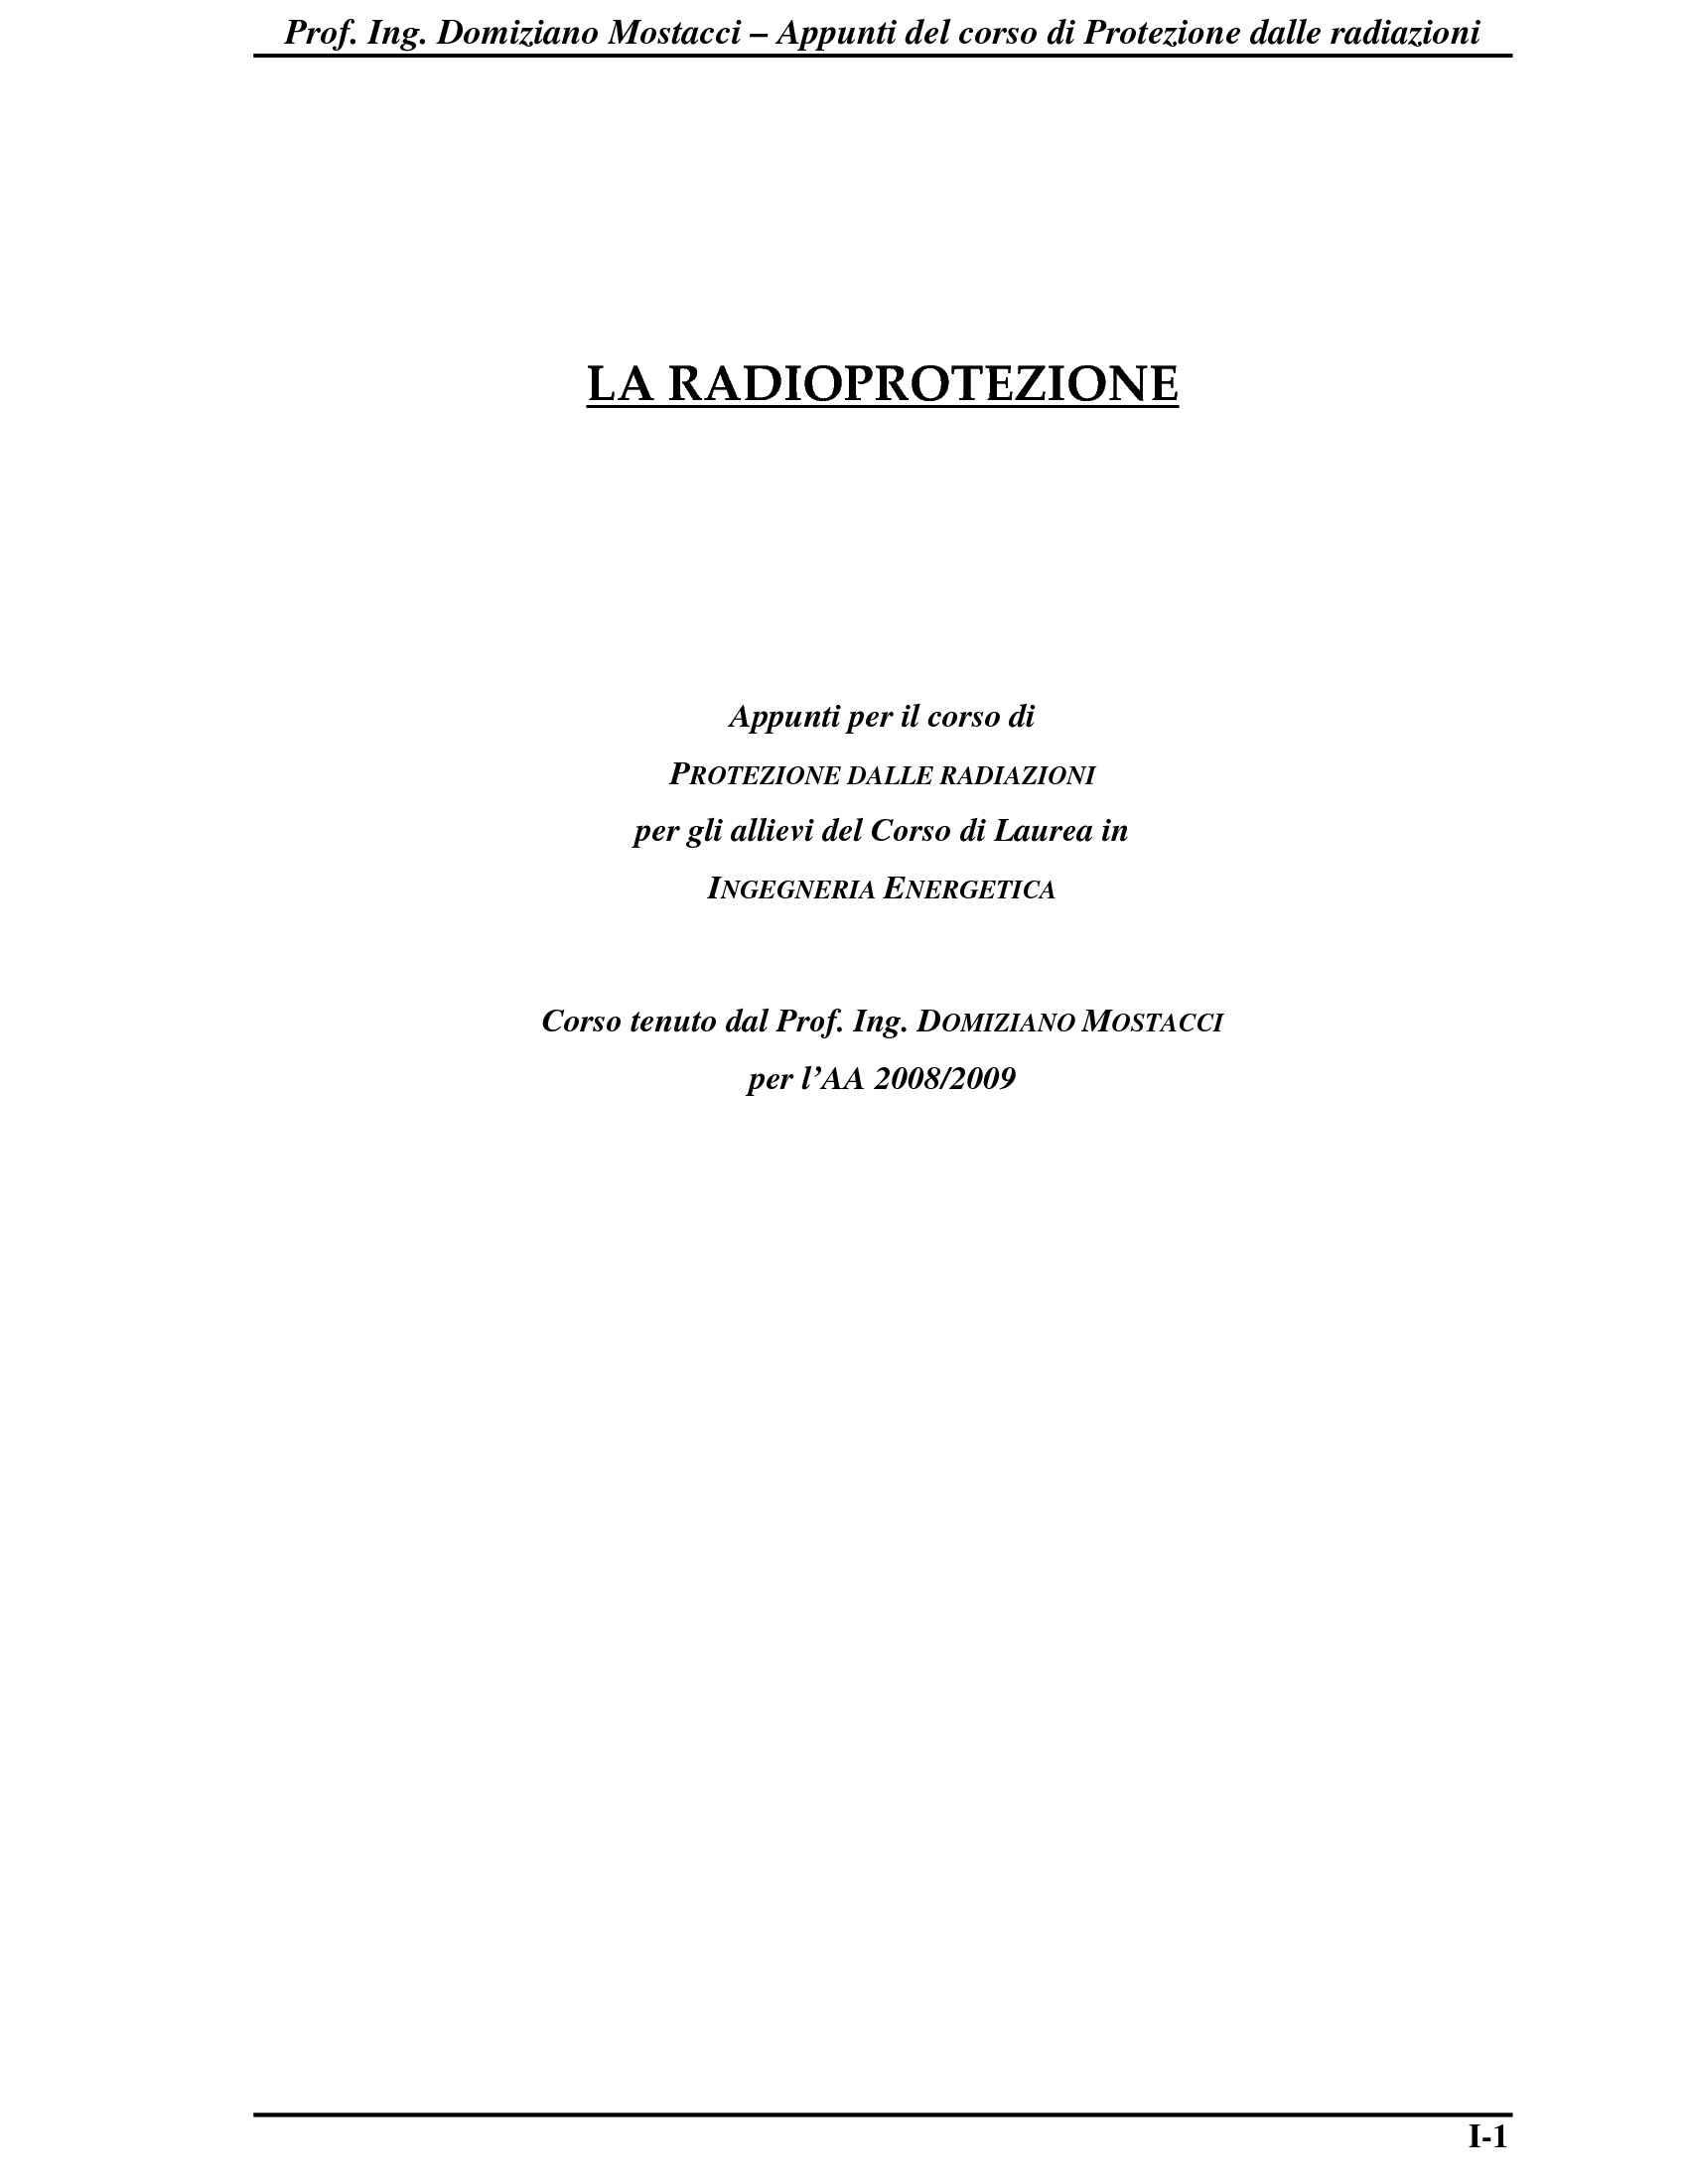 Radioprotezione - Elementi